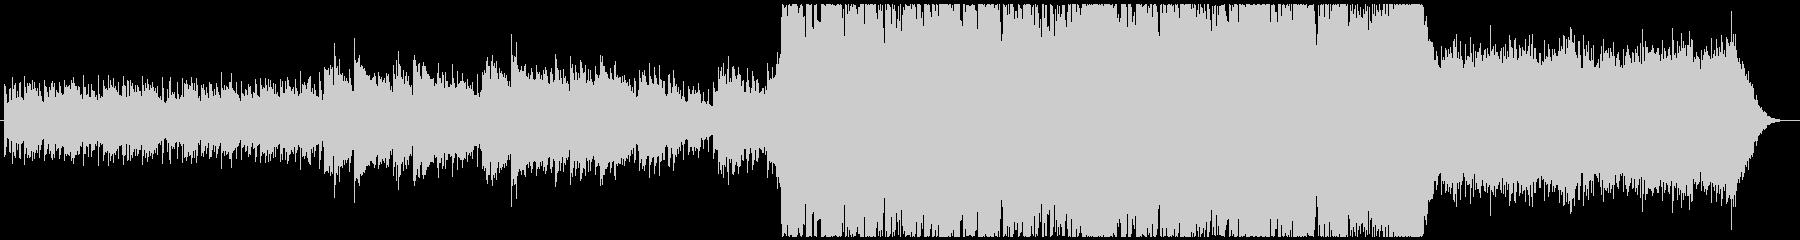 アコギ、シンセの悲しく神秘的なバラードの未再生の波形